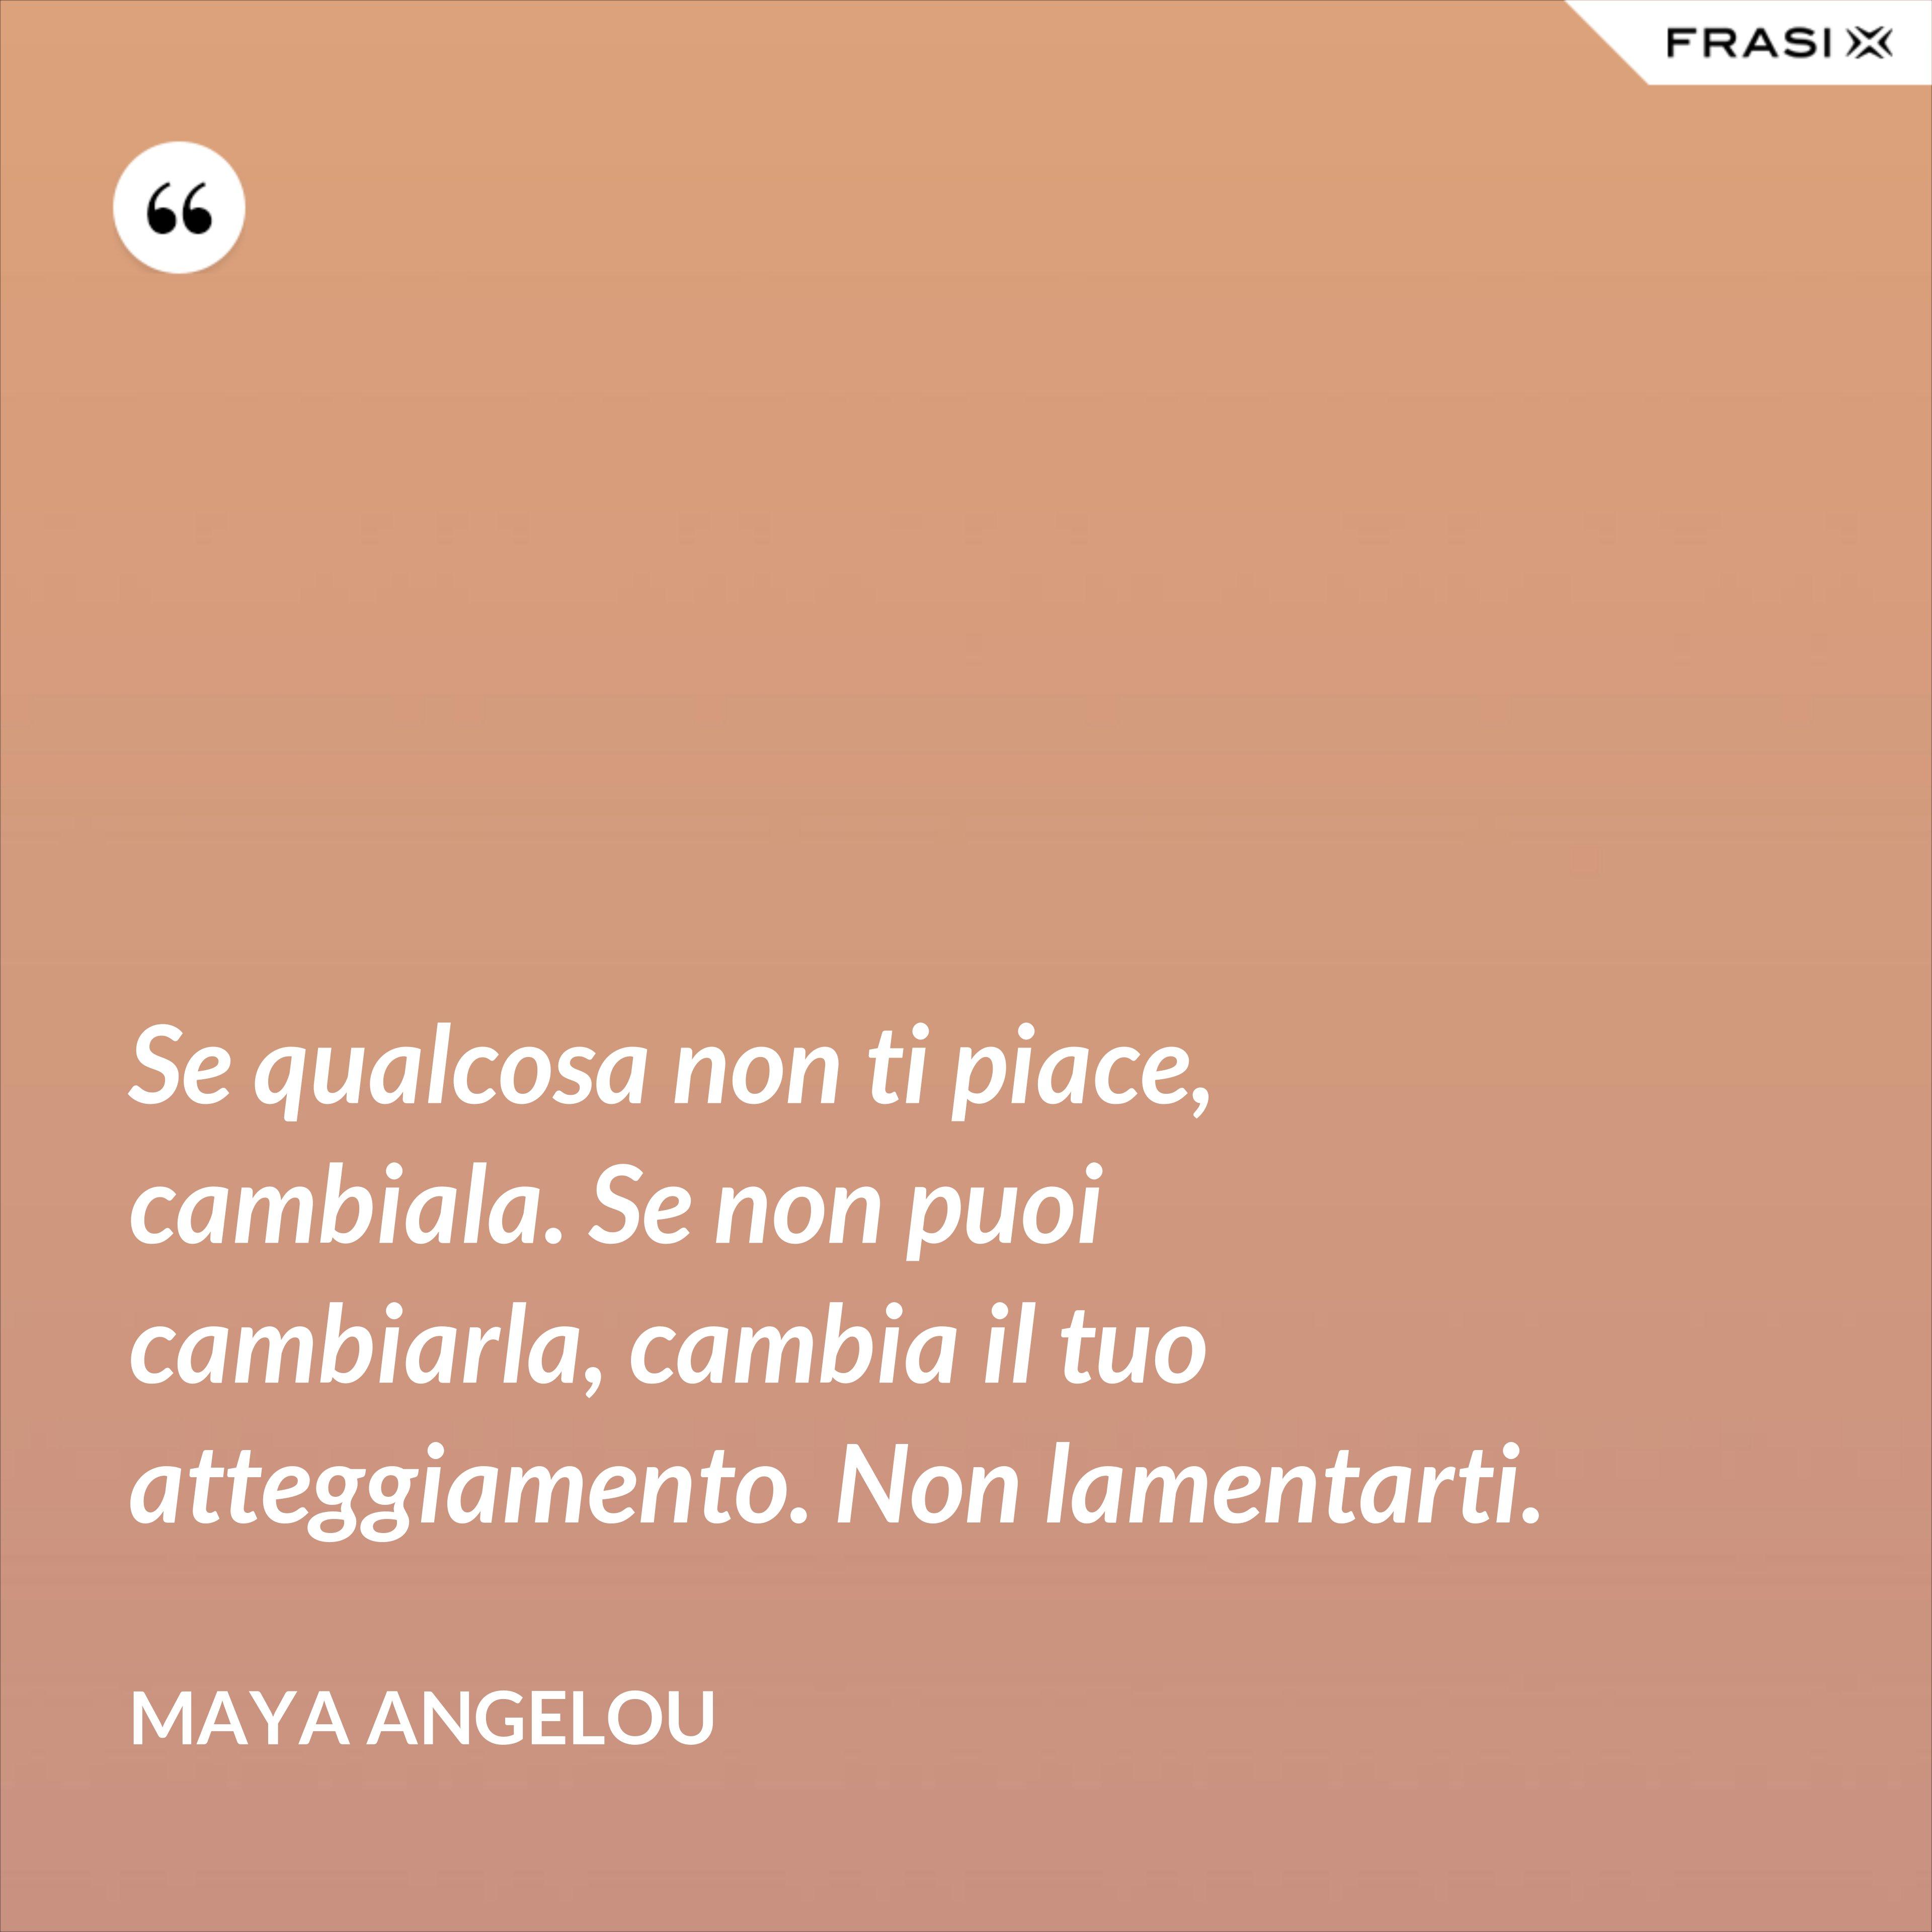 Se qualcosa non ti piace, cambiala. Se non puoi cambiarla, cambia il tuo atteggiamento. Non lamentarti. - Maya Angelou